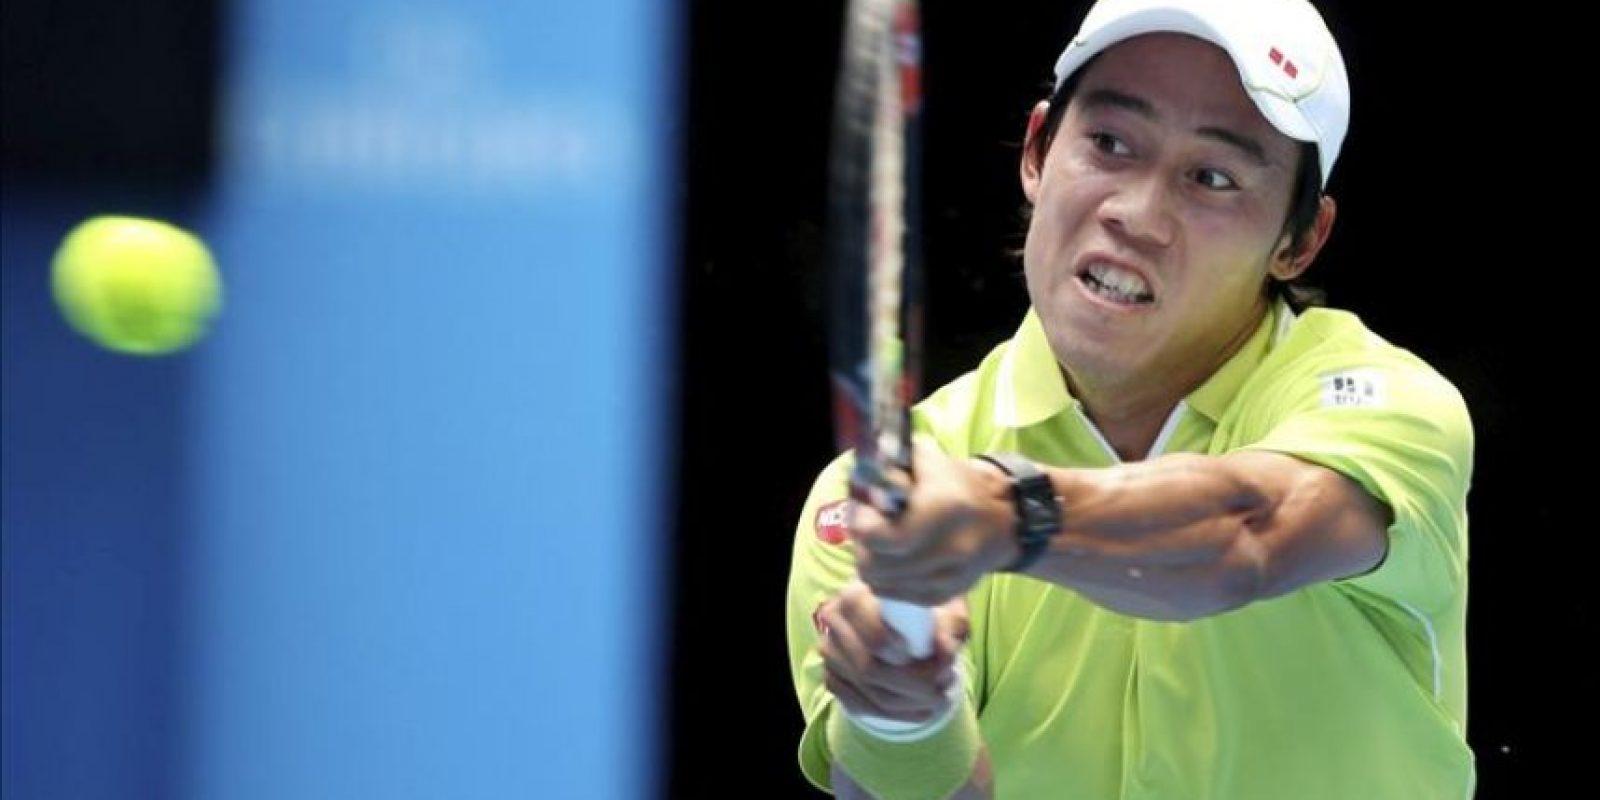 El tenista japonés Kei Nishikori devuelve la bola al suizo Stan Wawrinka durante el partido que enfrentó a ambos en los cuartos de final del Abierto de Australia en Melbourne (Australia) hoy, miércoles 28 de enero de 2015. EFE